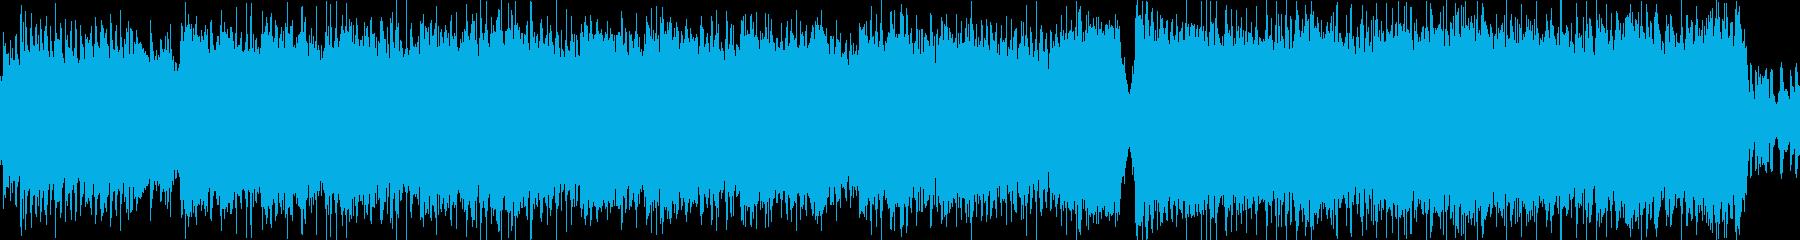 スピード感に満ちたメタルインストループの再生済みの波形